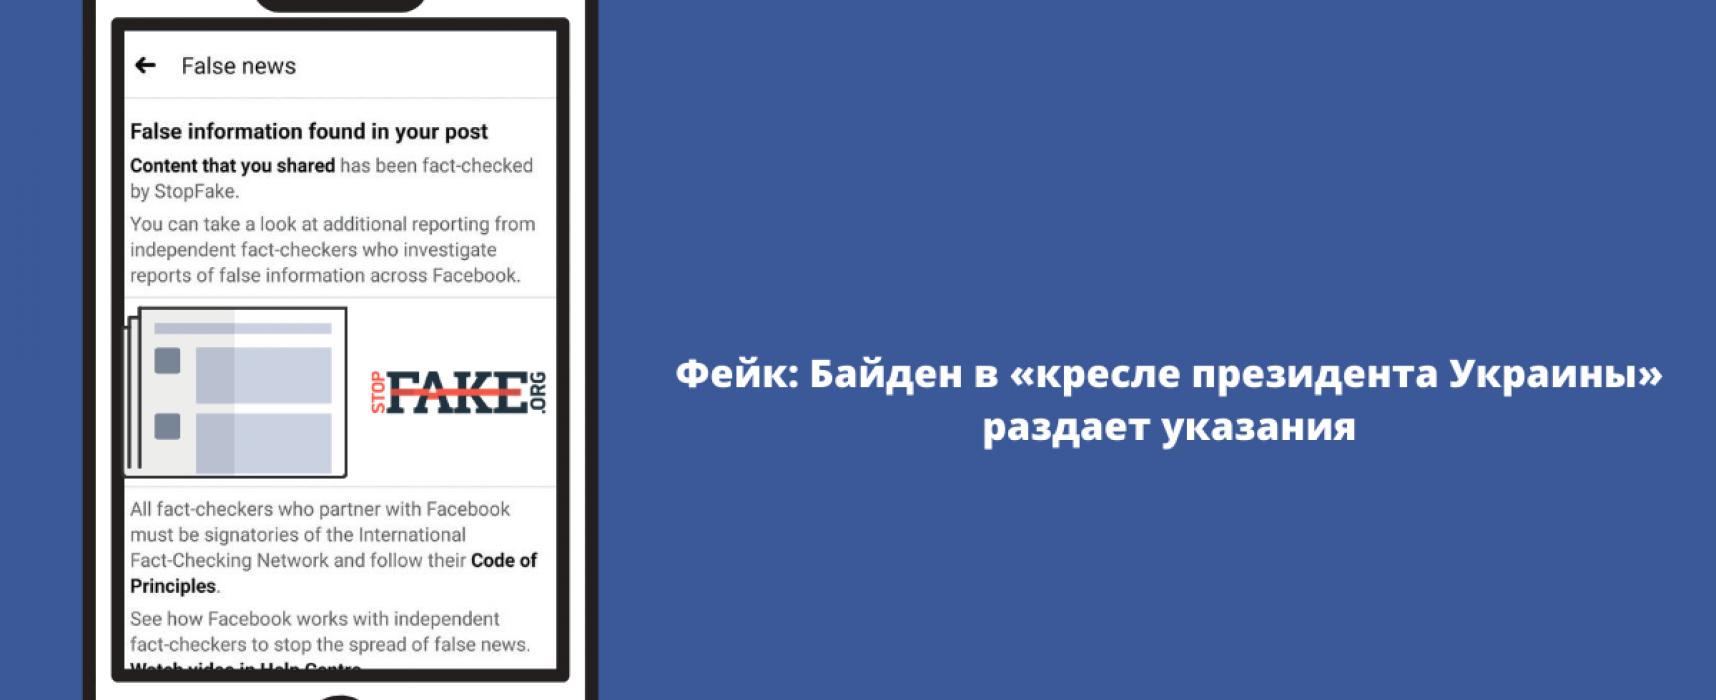 Фейк: Байден в «кресле президента Украины» раздает указания